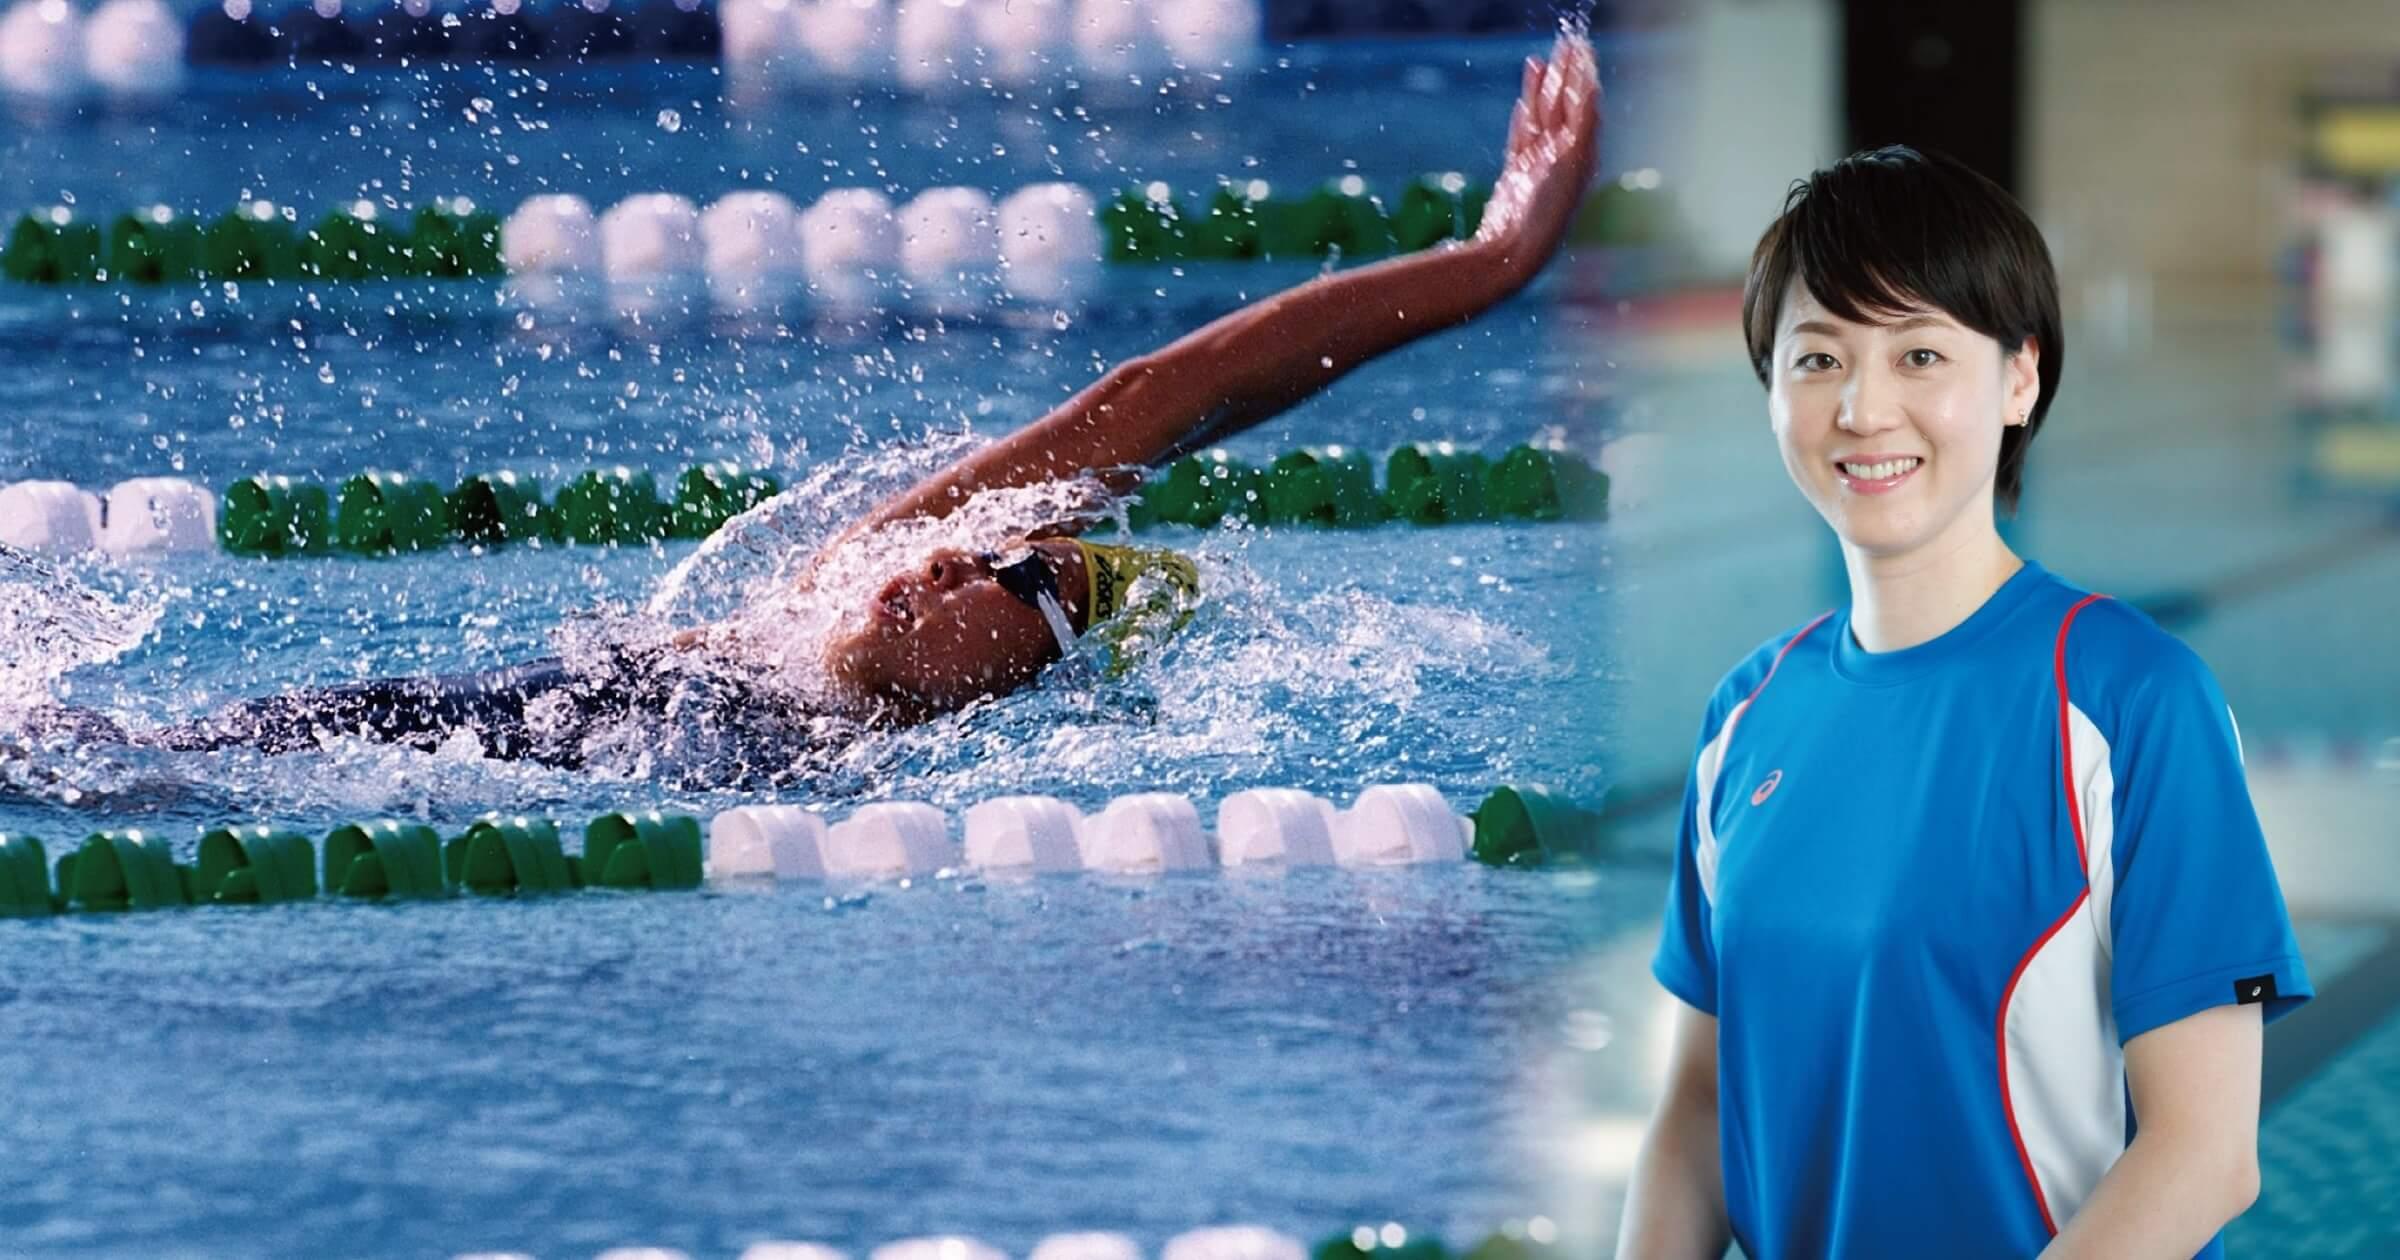 元・水泳日本代表選手、萩原智子さんに聞いた「習い事としての水泳をオススメしたい5つの理由」